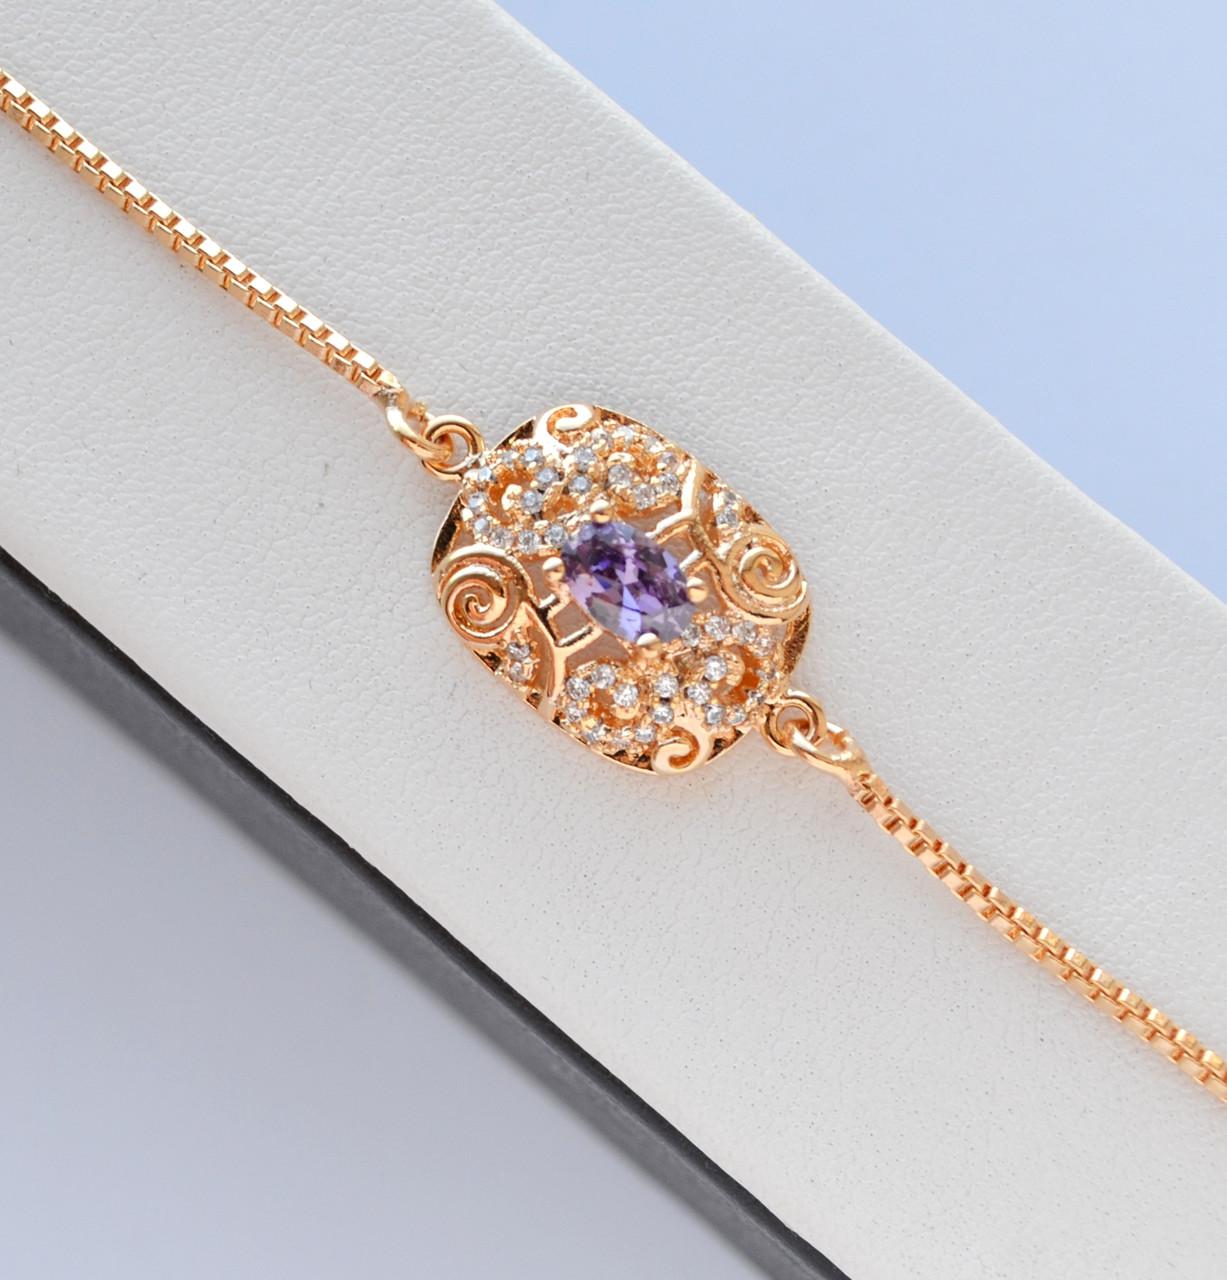 Купить красивый браслет в интернет магазине